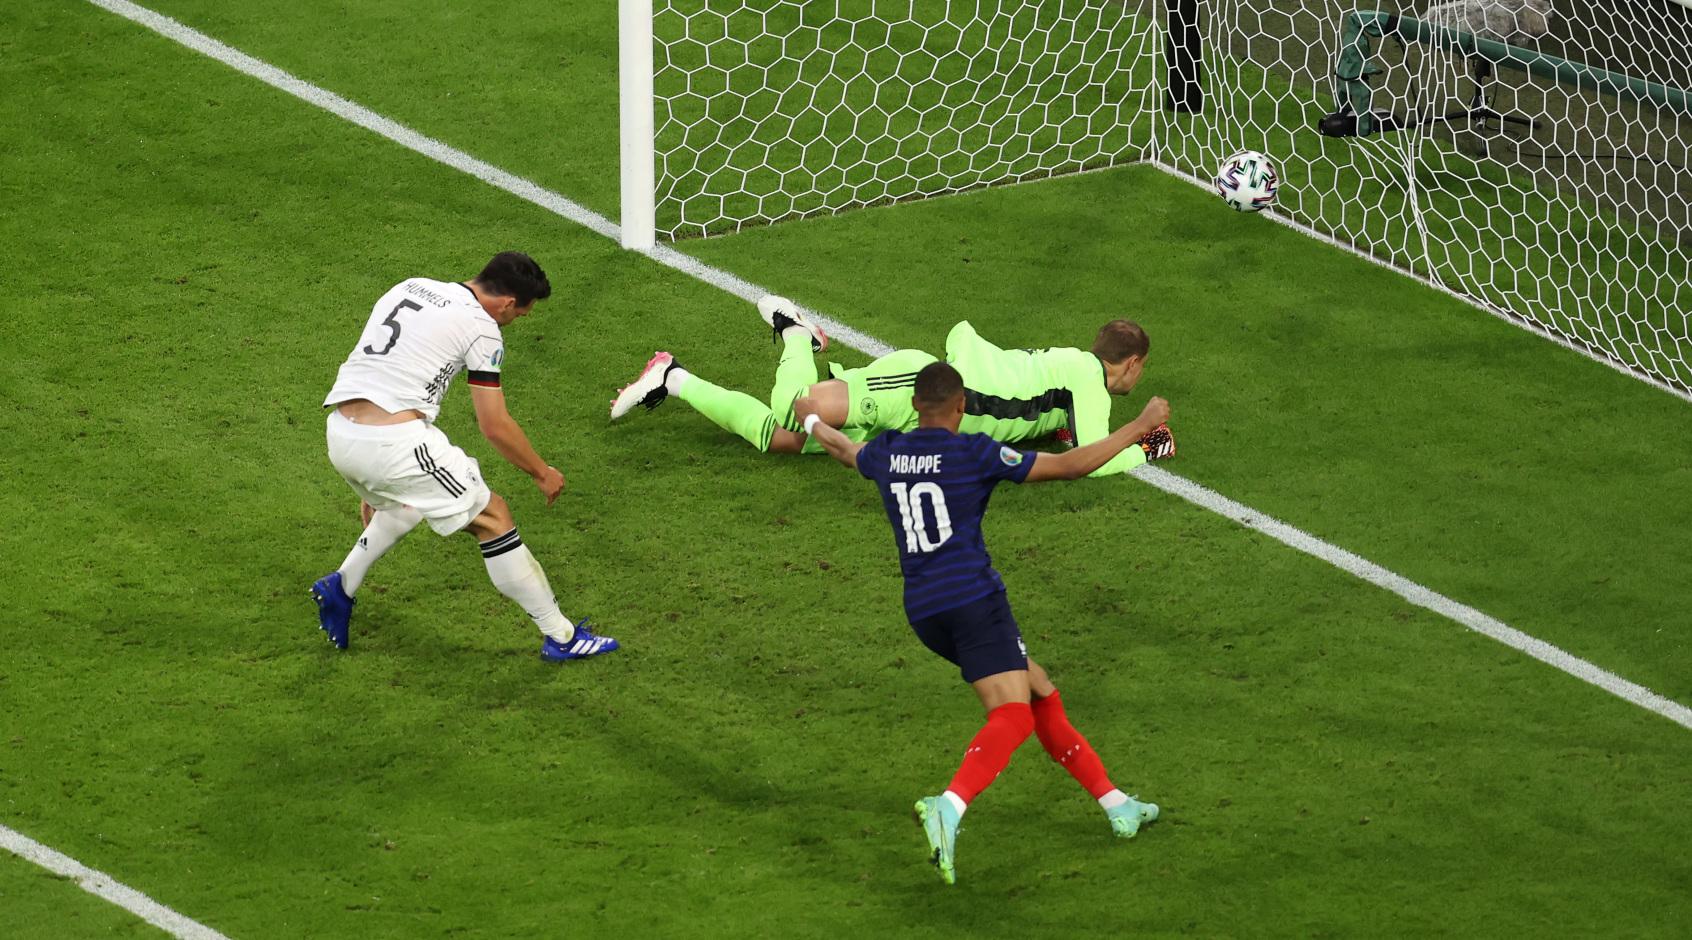 В результате приземления парашютиста на матче Евро-2020 есть пострадавшие. Гринпис принес извинения